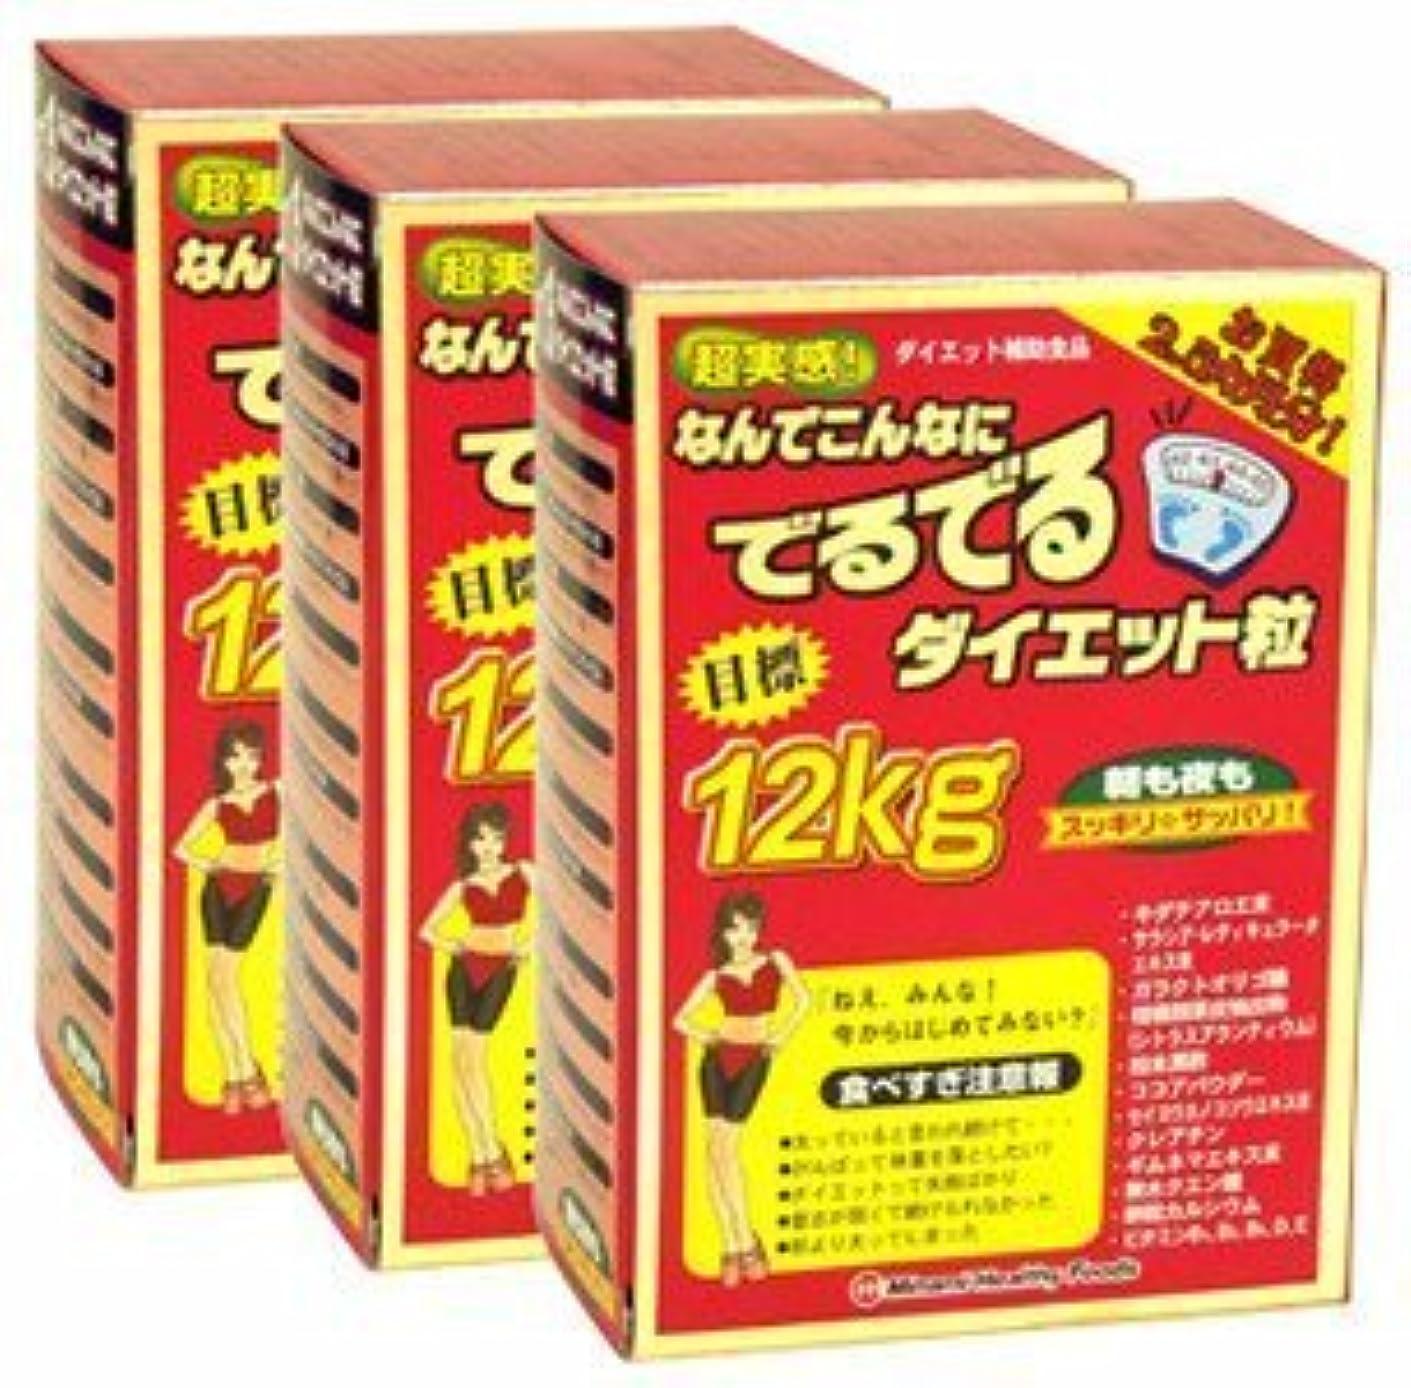 アプト木材混乱ミナミヘルシーフーズ 超実感 でるでる粒 75袋入 約75日分【3箱セット】